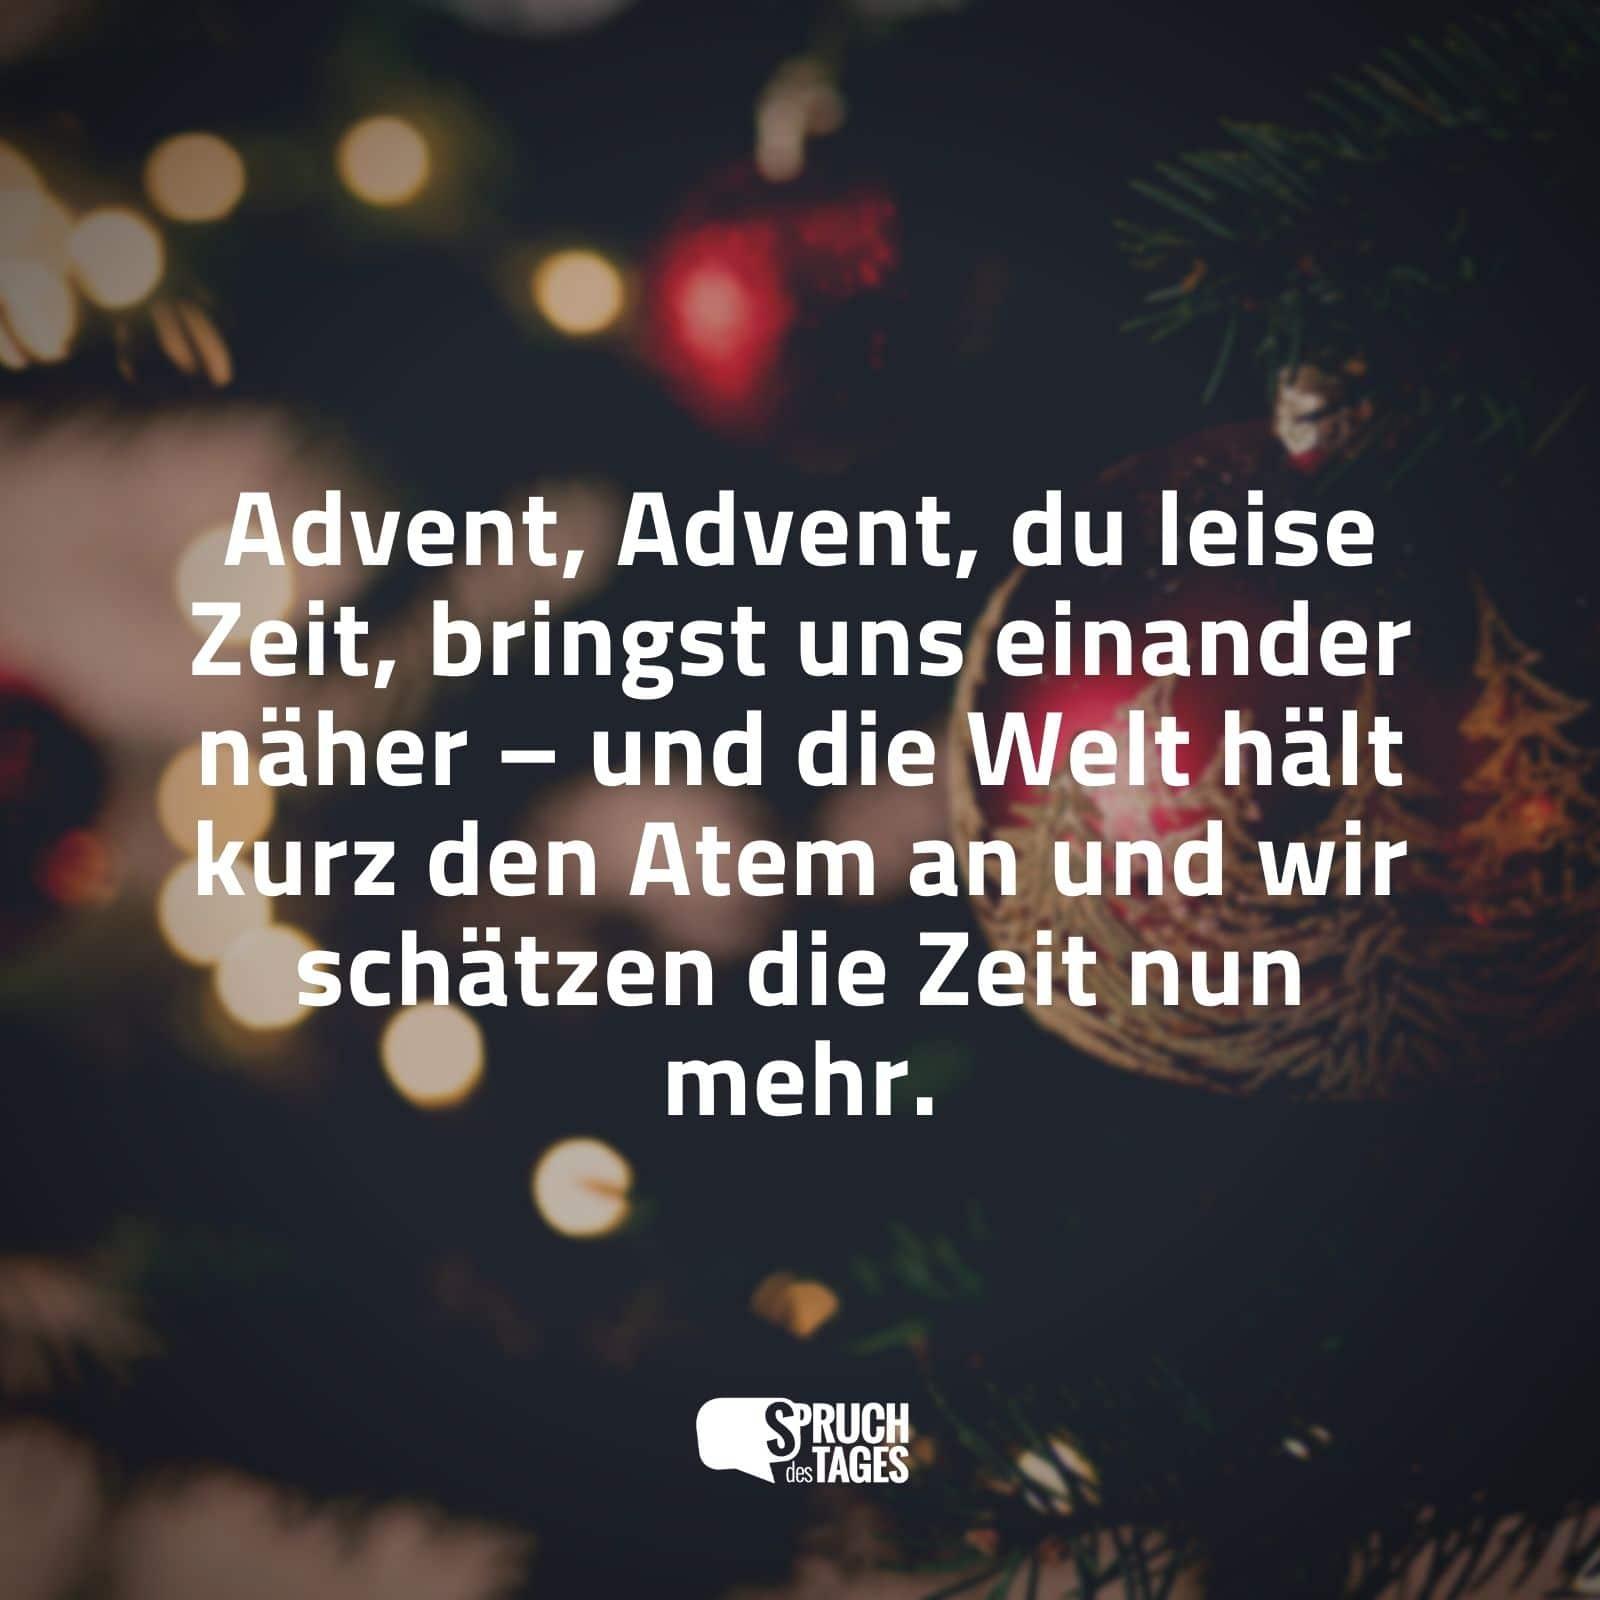 Adventssprüche Die Besten Sprüche Zum Advent